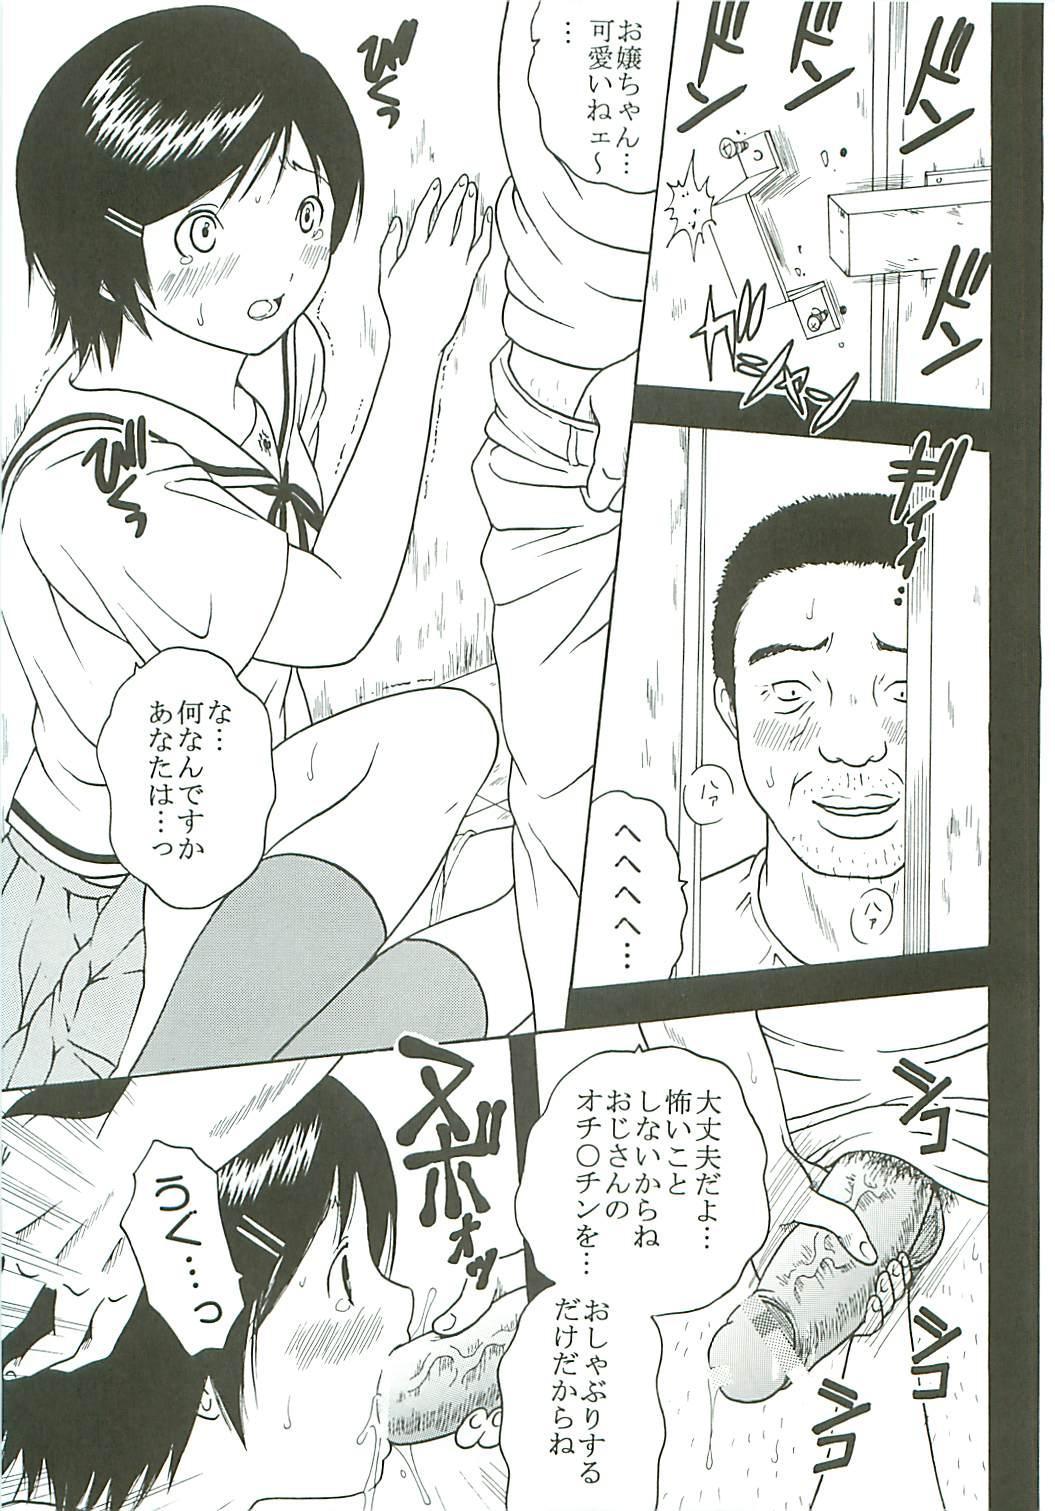 Chitsui Gentei Nakadashi Limited vol.4 9